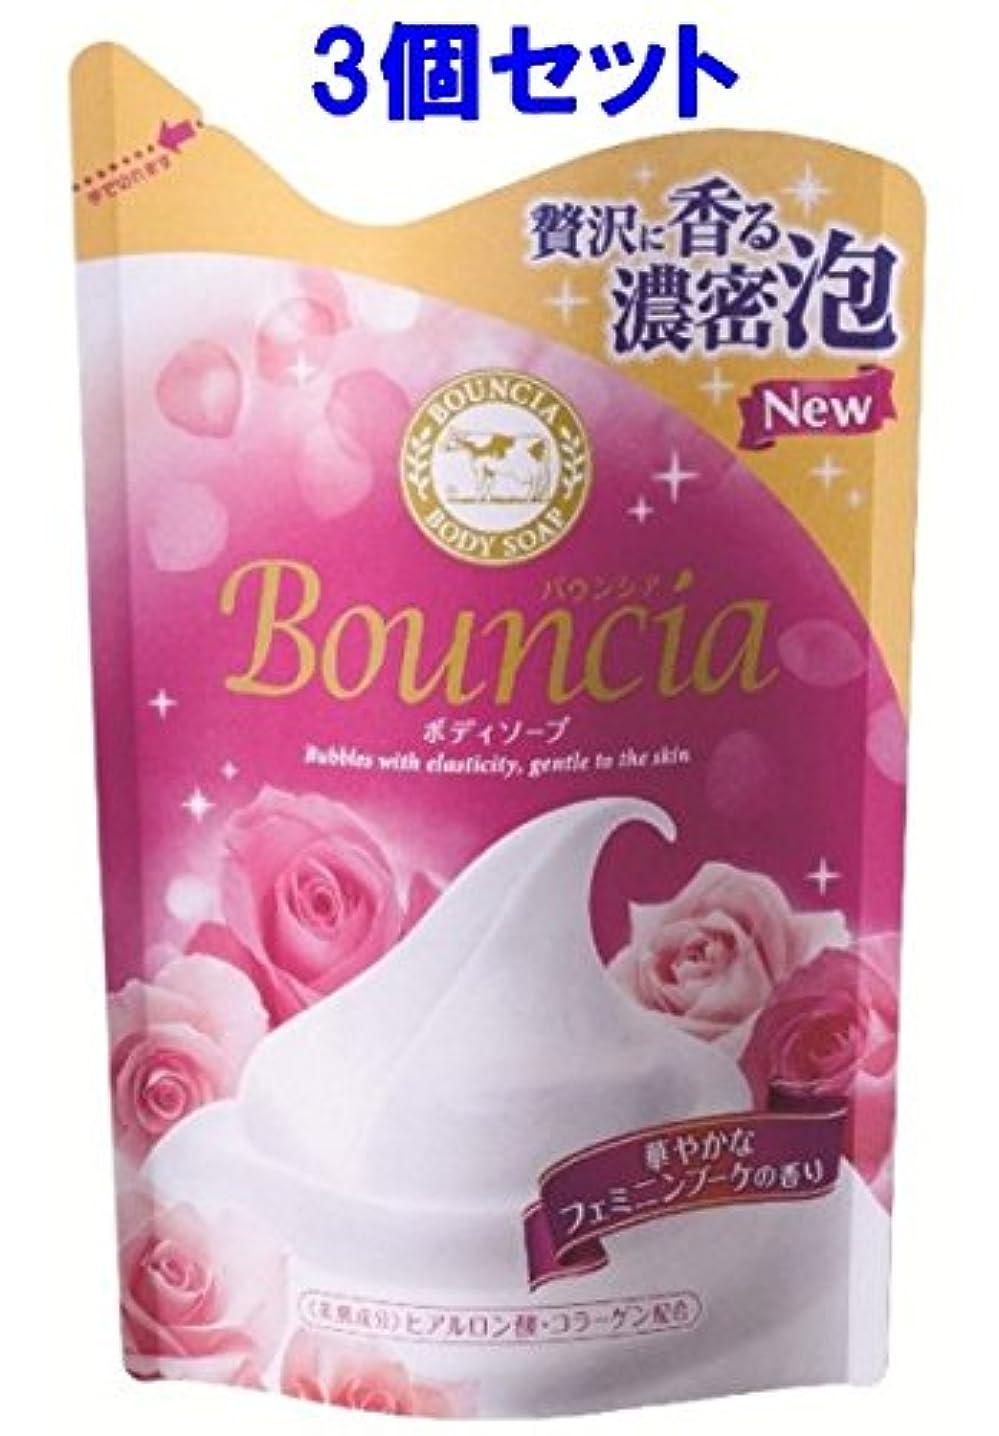 与えるランチョン心から【3個セット】 バウンシアボディソープ フェミニンブーケの香り 詰替用 430mL